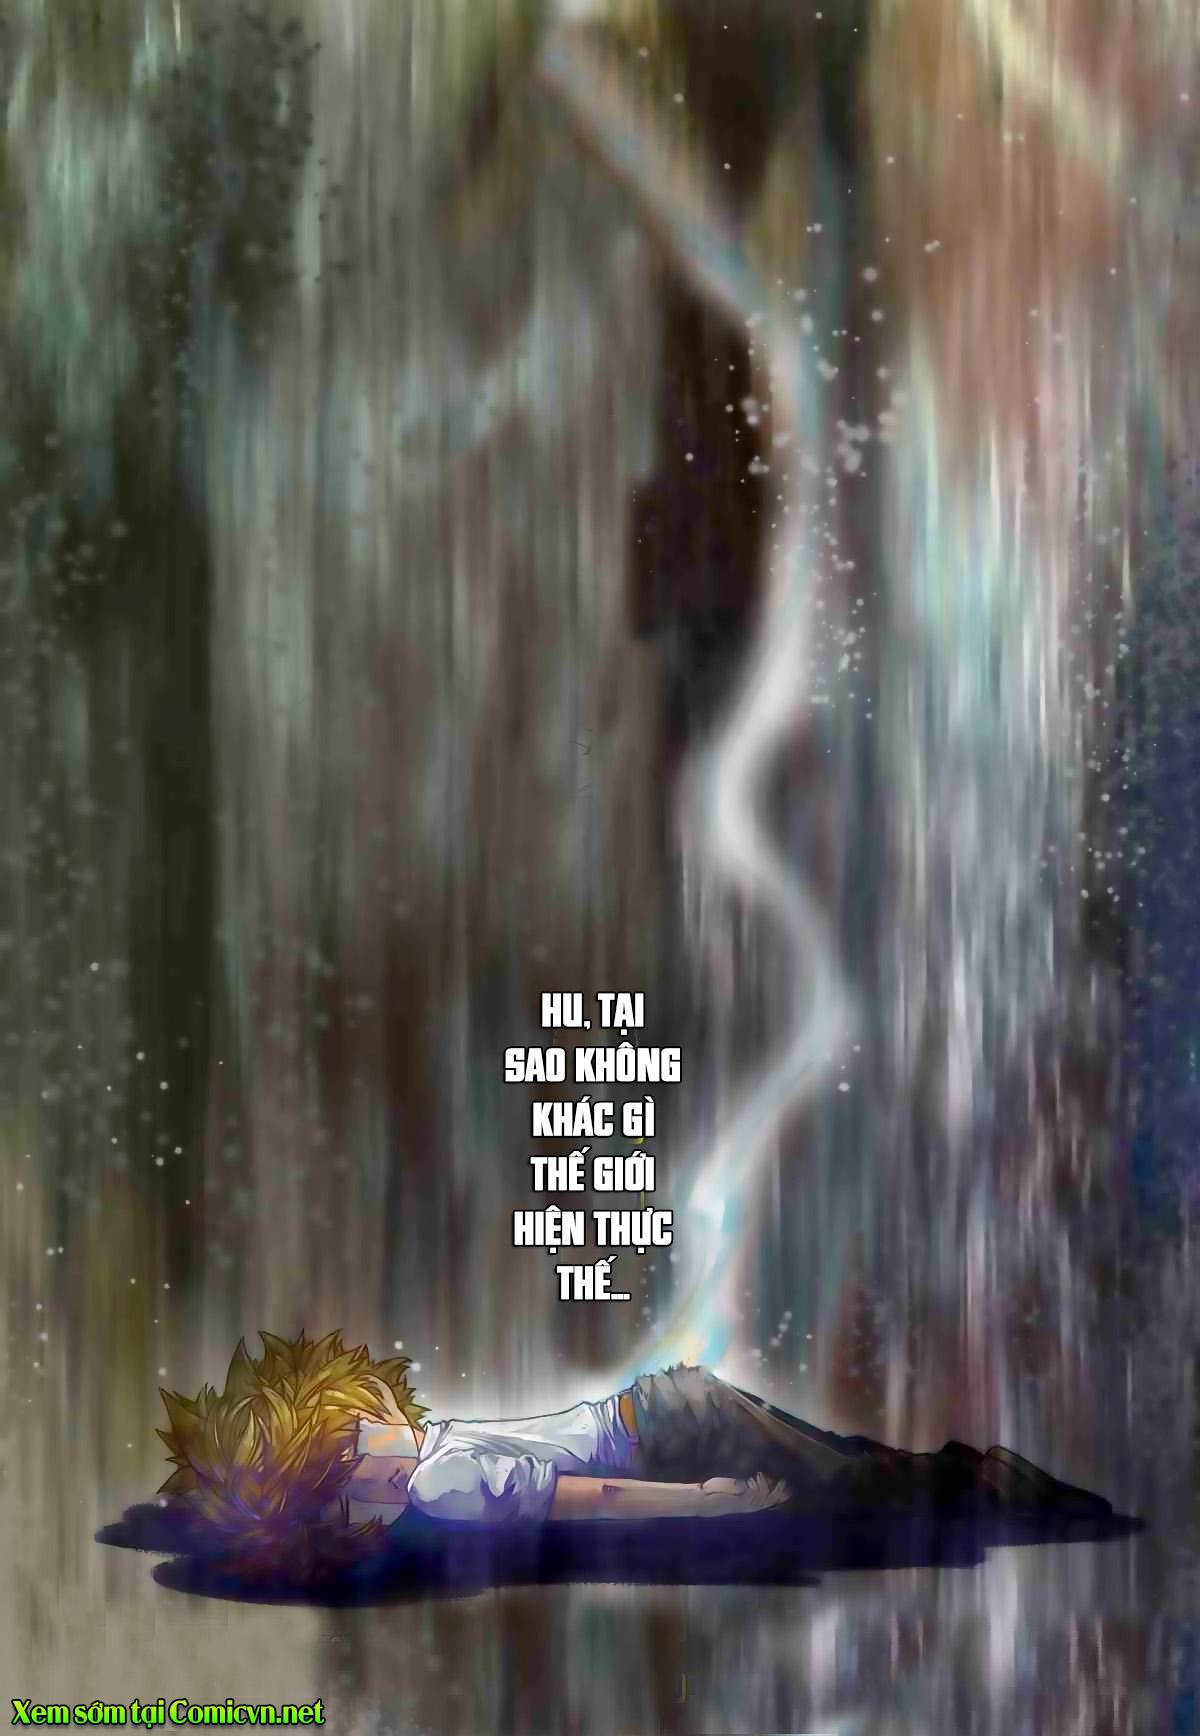 xem truyen moi - BRON OF BRAVE (Tái Tạo Không Gian) - BOB 02: Không gian mới